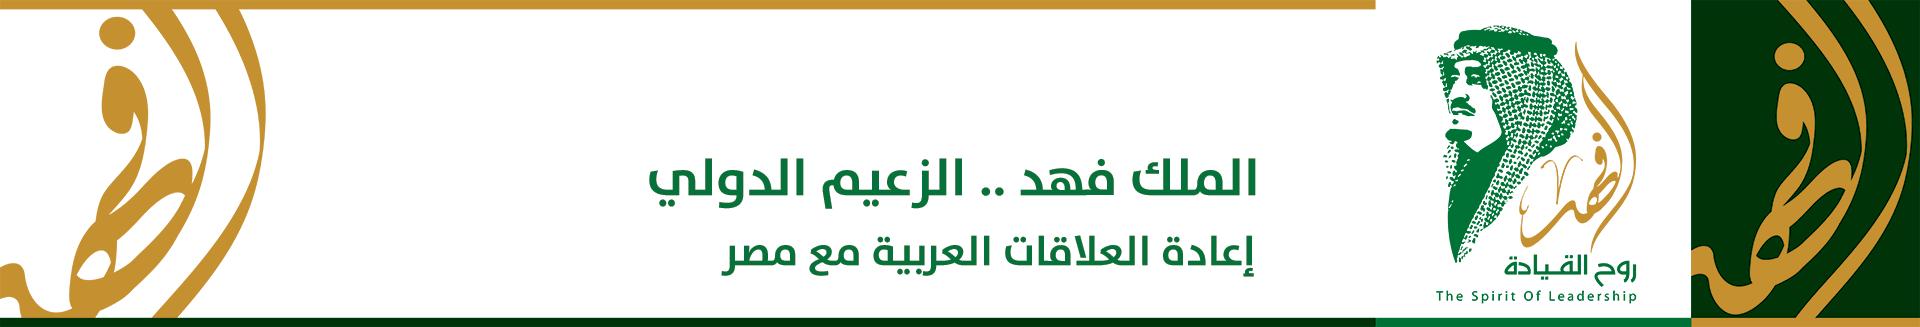 إعادة العلاقات العربية مع مصر